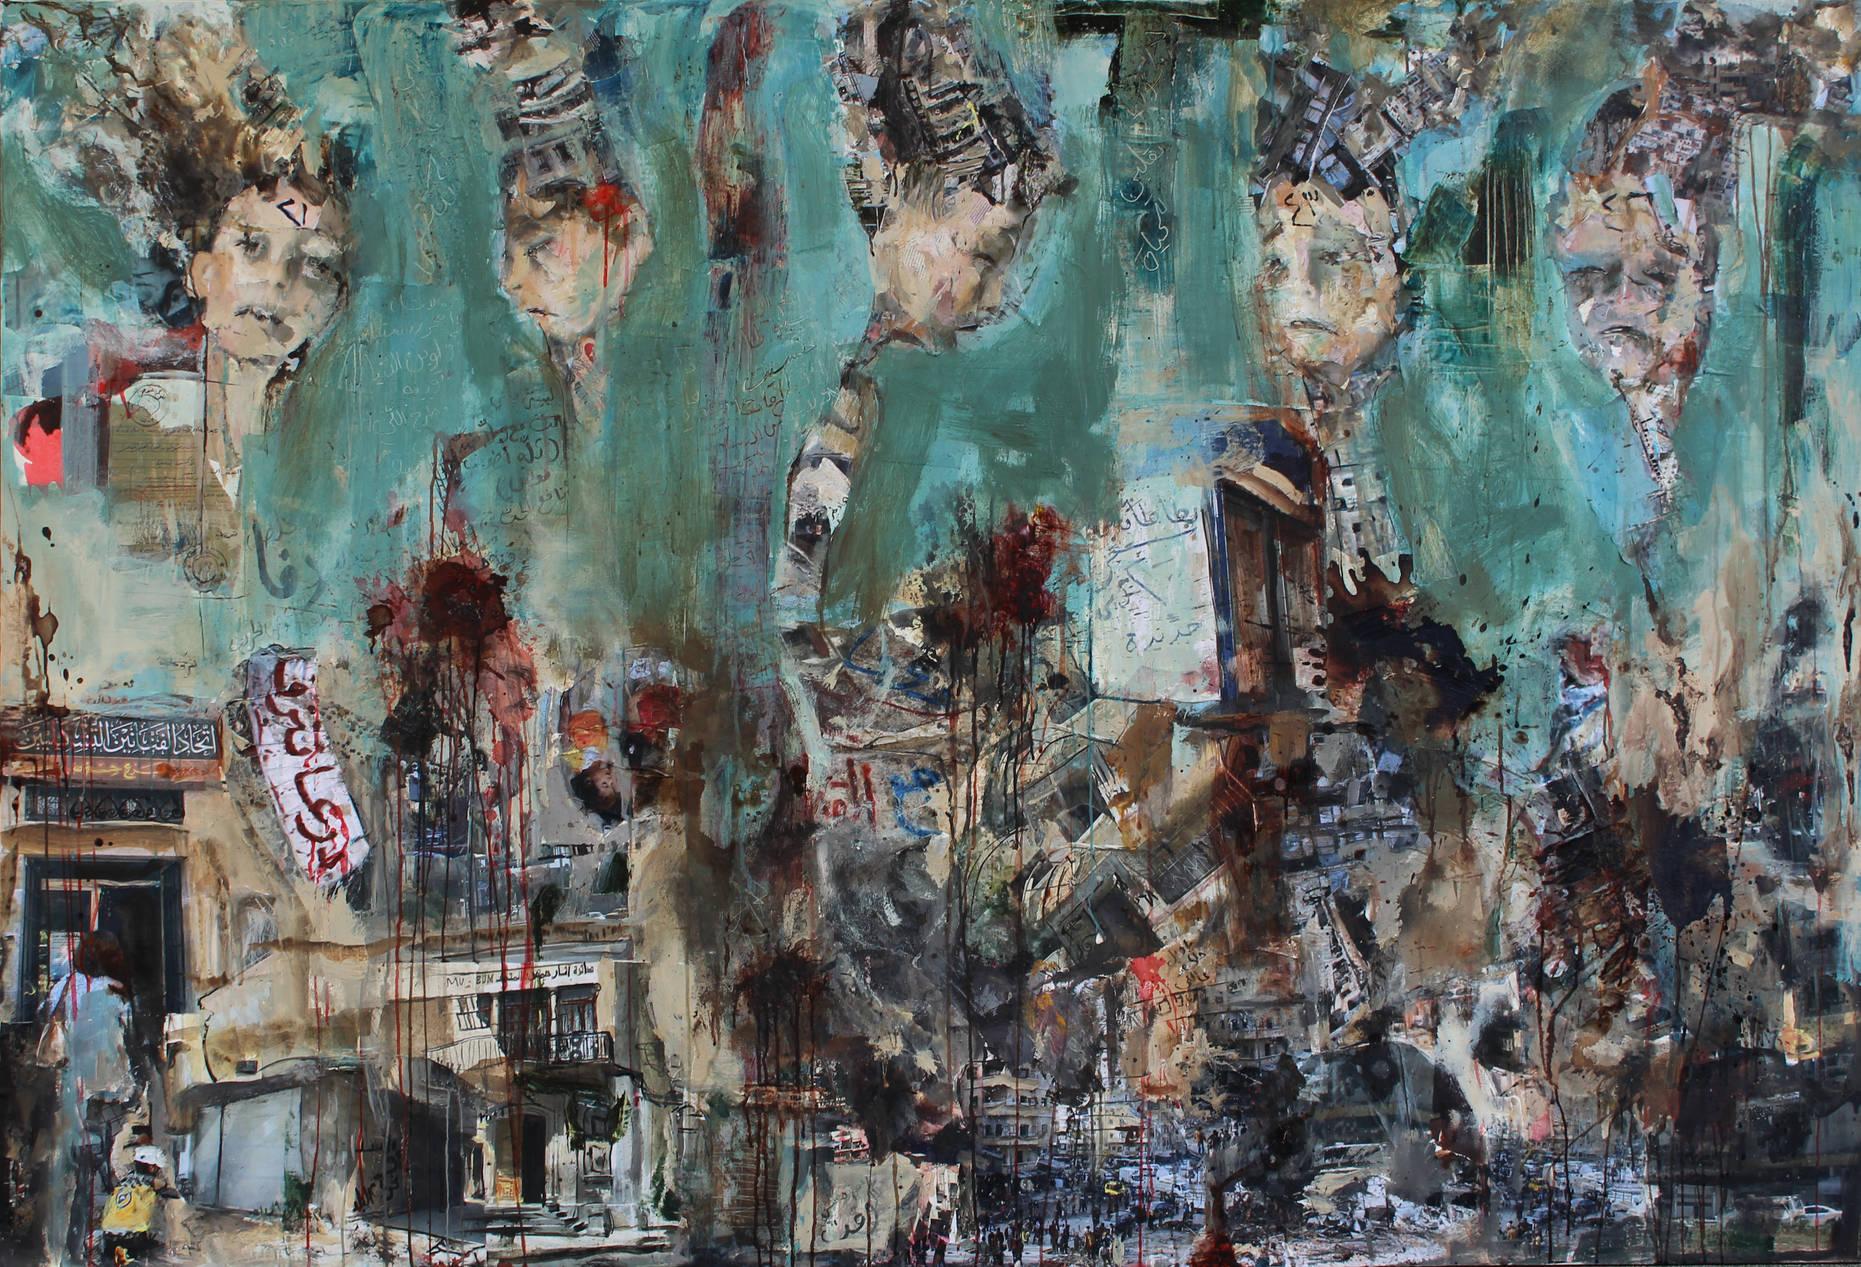 Nour-zantah exhibition